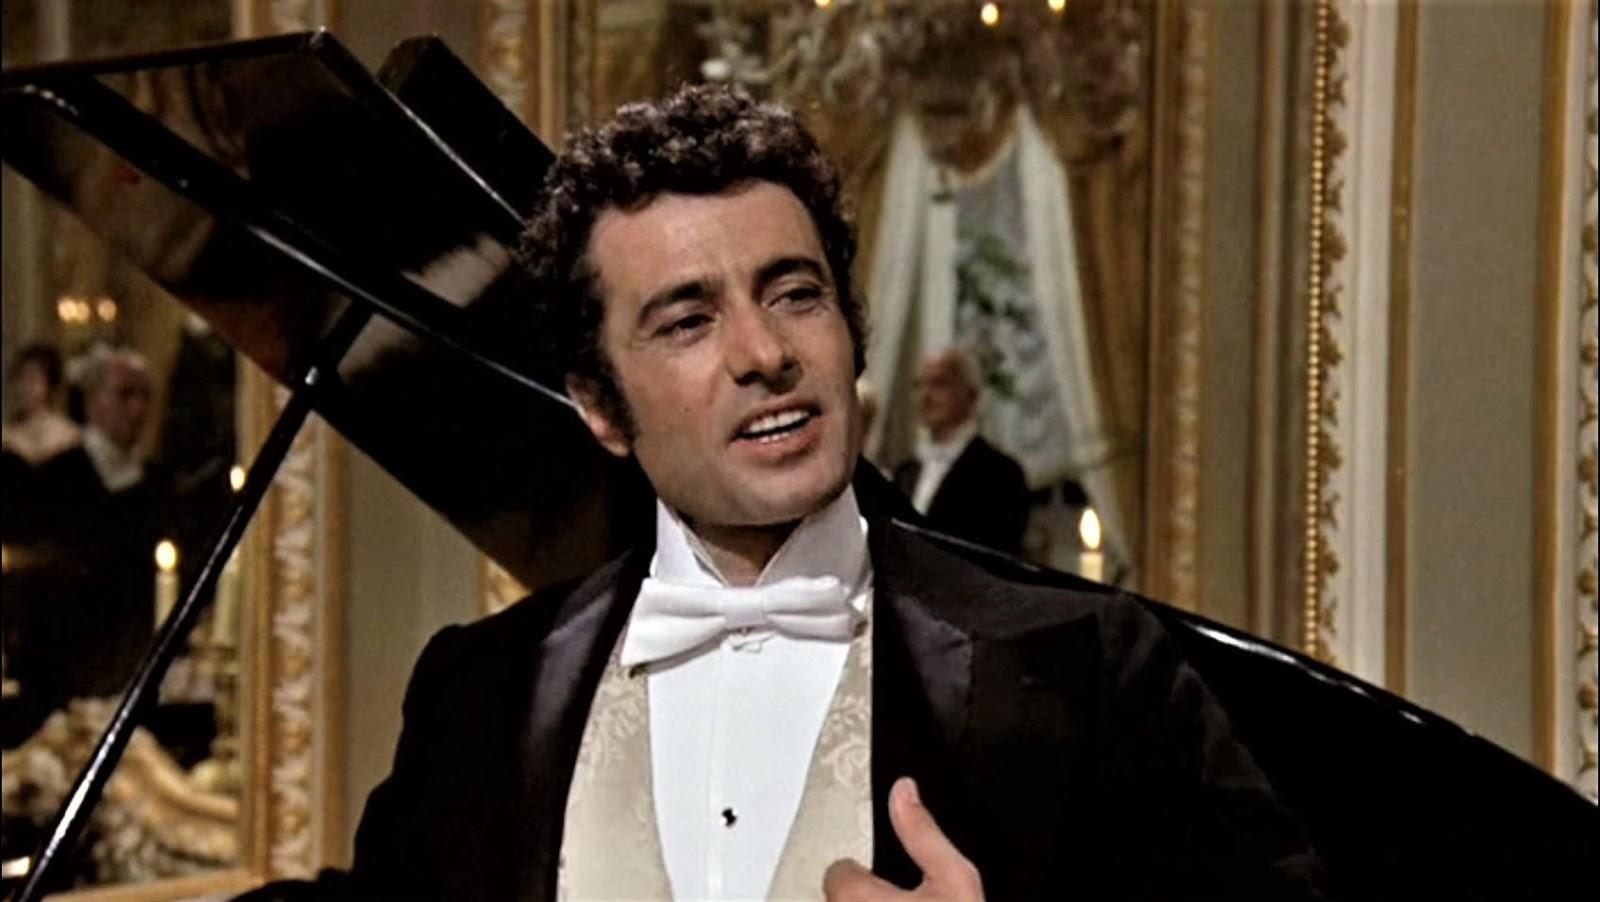 dreams are what le cinema is for daisy miller  duilio del prete as mr giovanelli